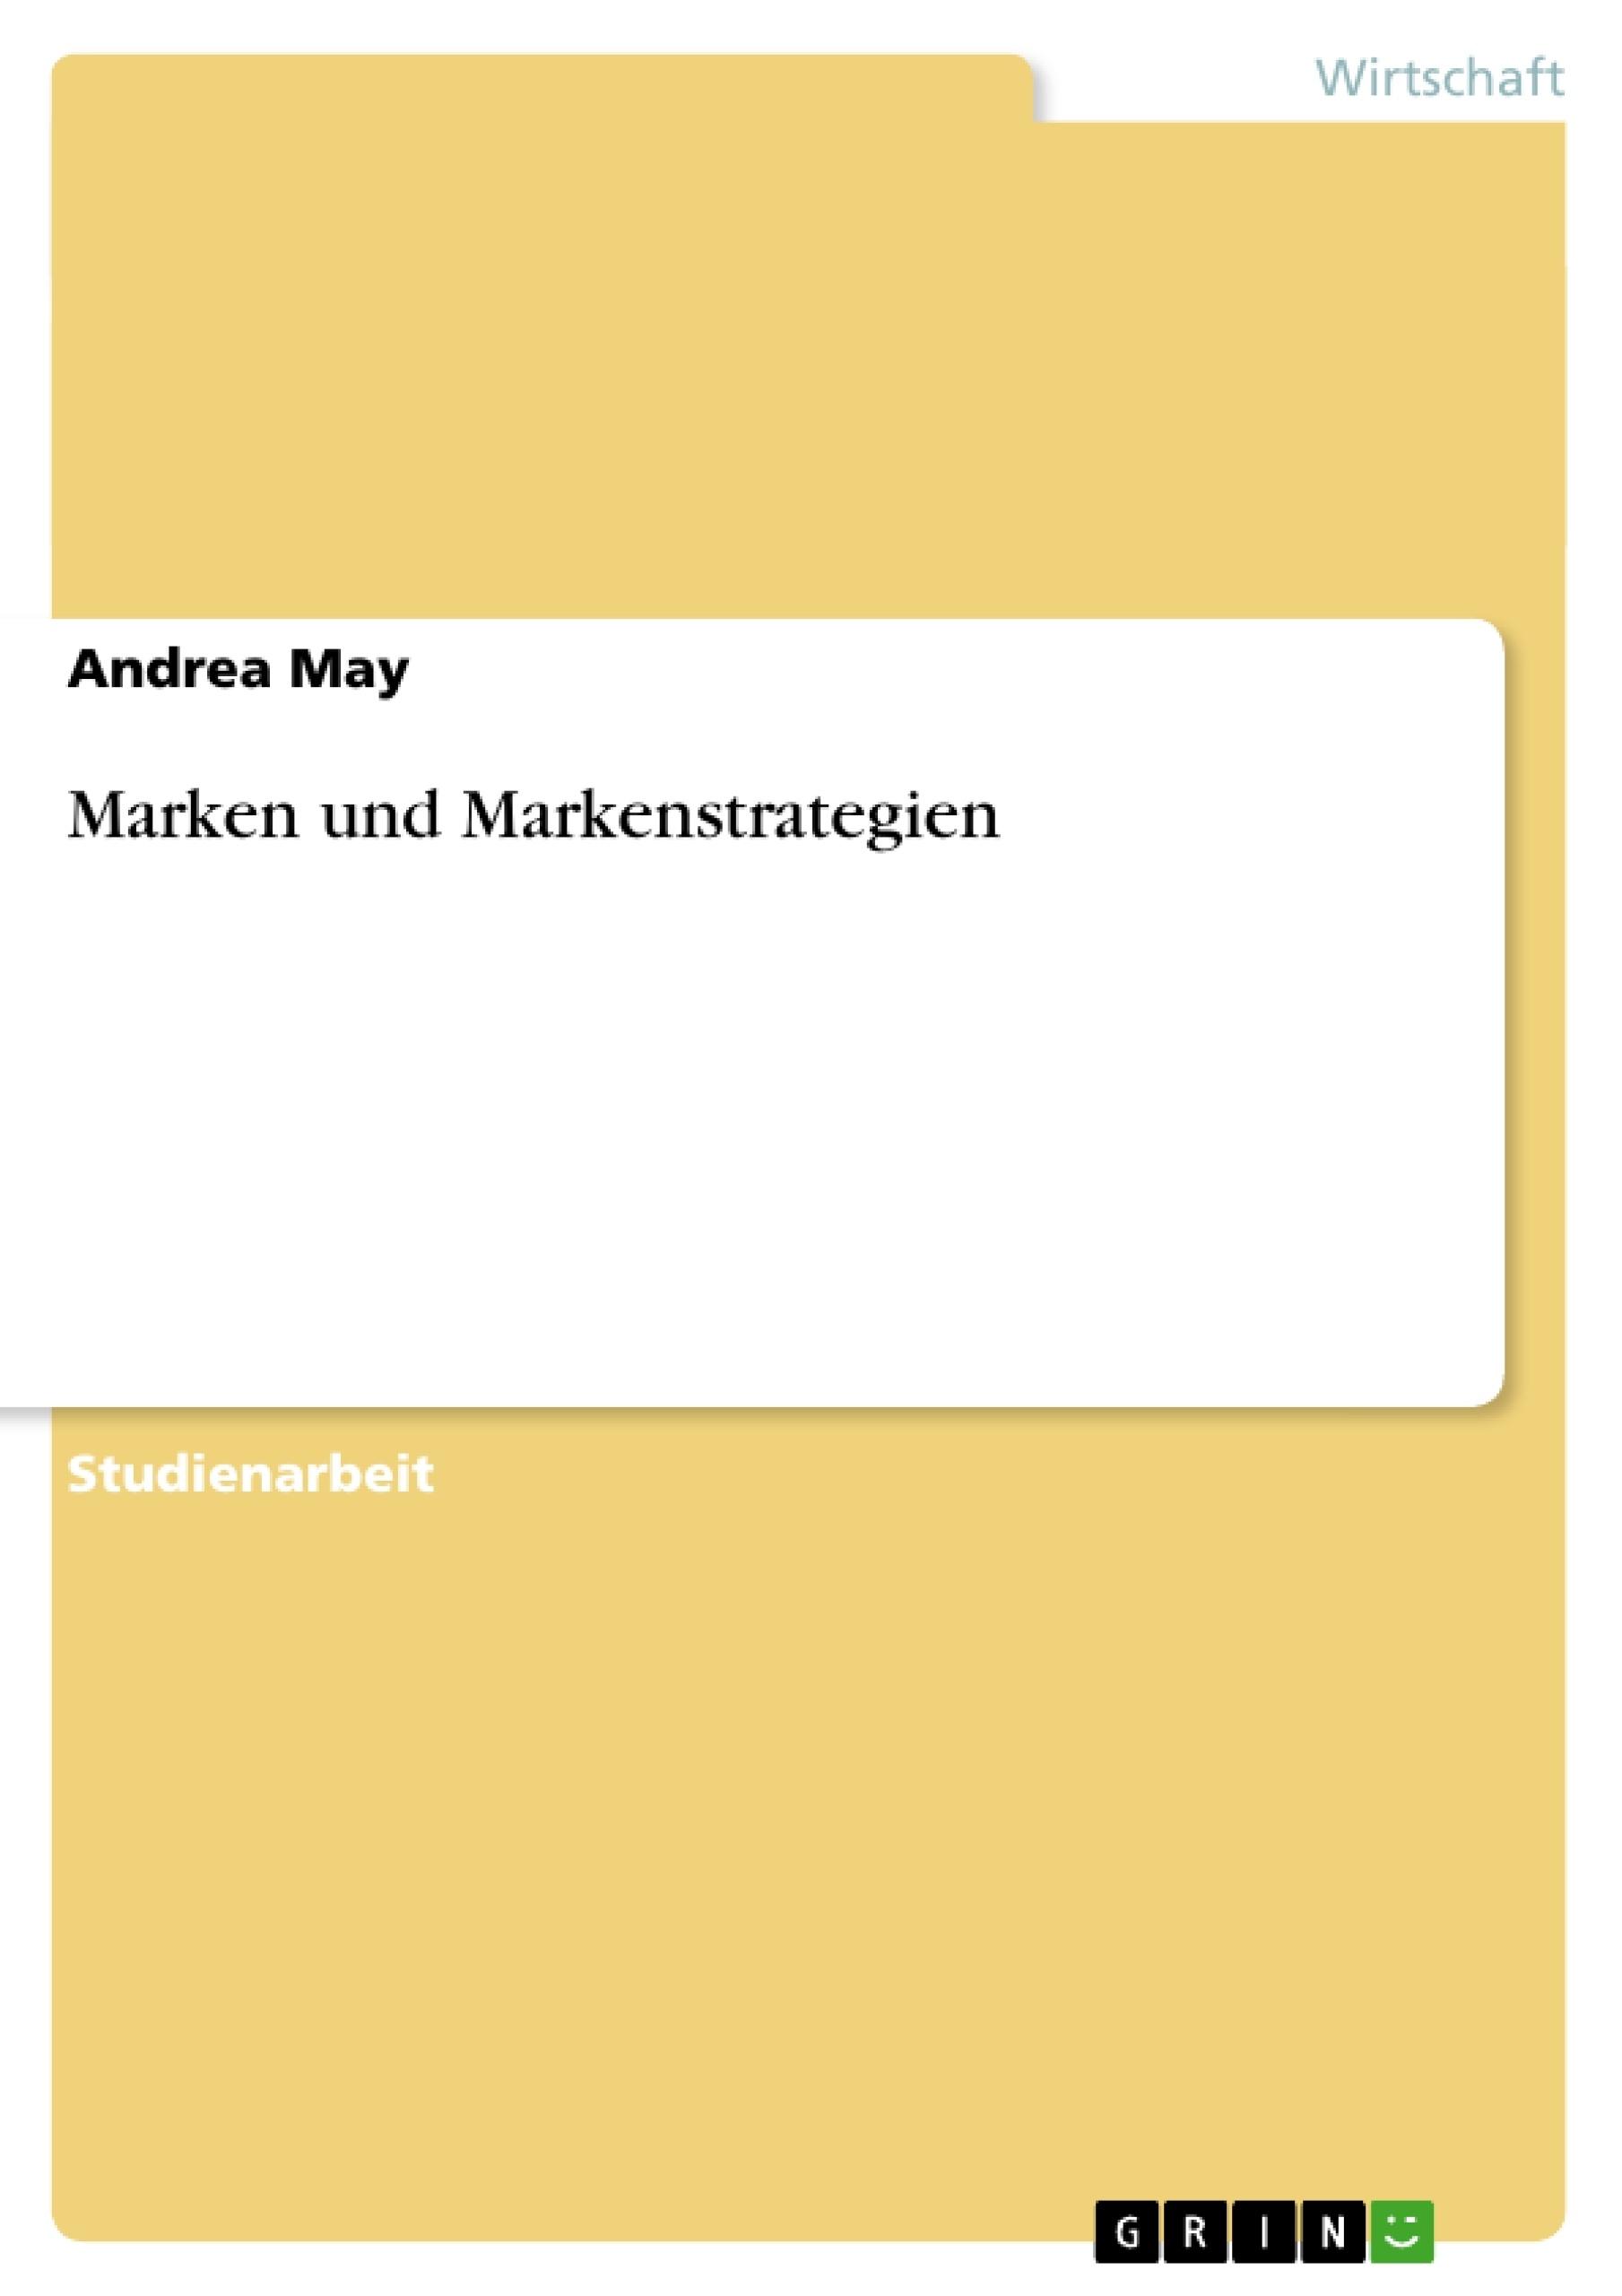 Titel: Marken und Markenstrategien